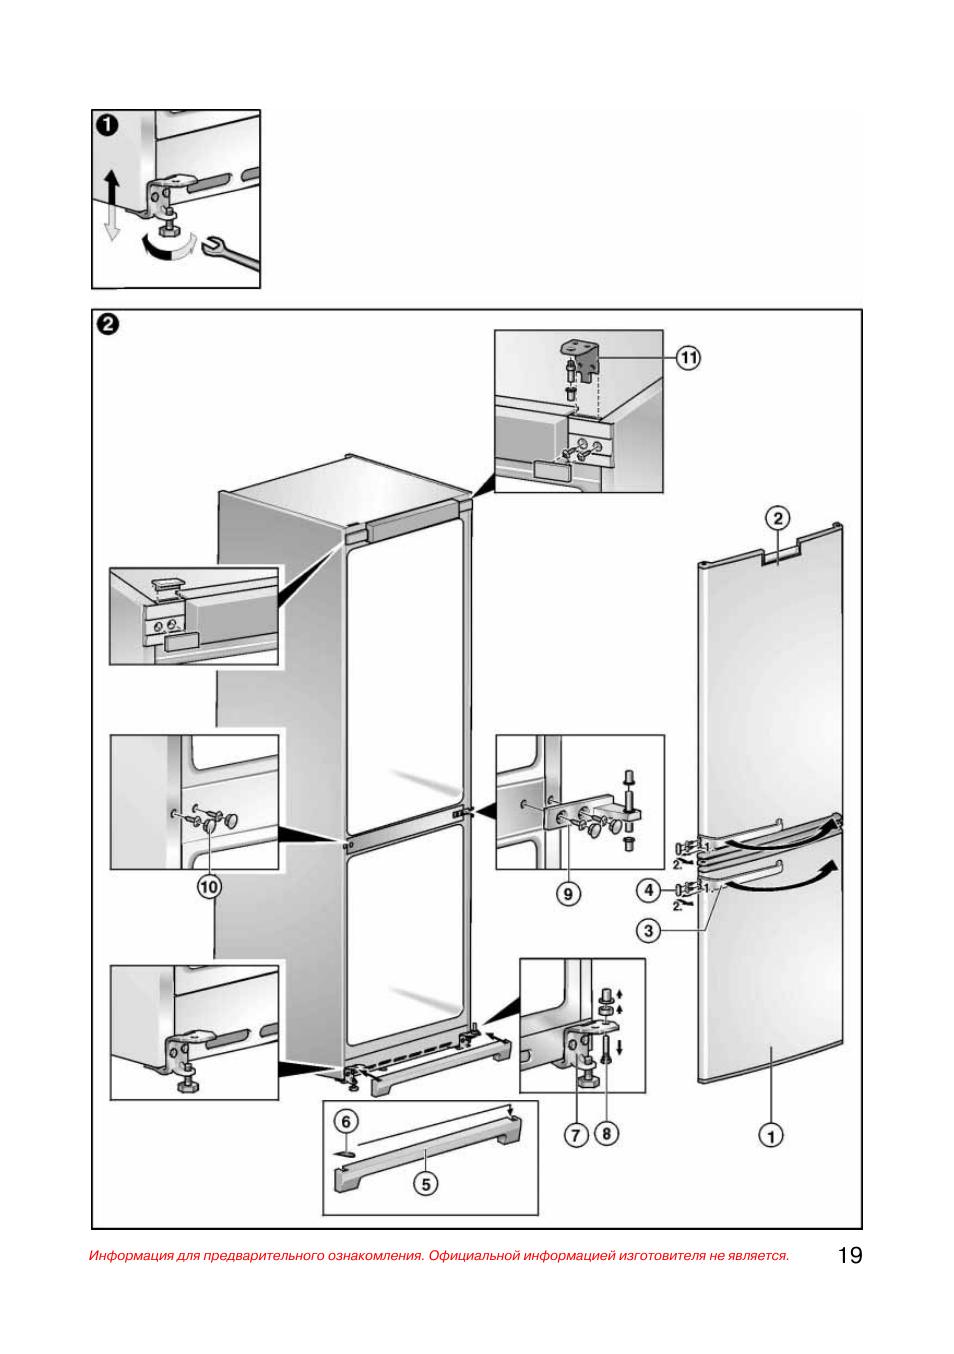 Как самому перевесить дверь холодильника бирюса